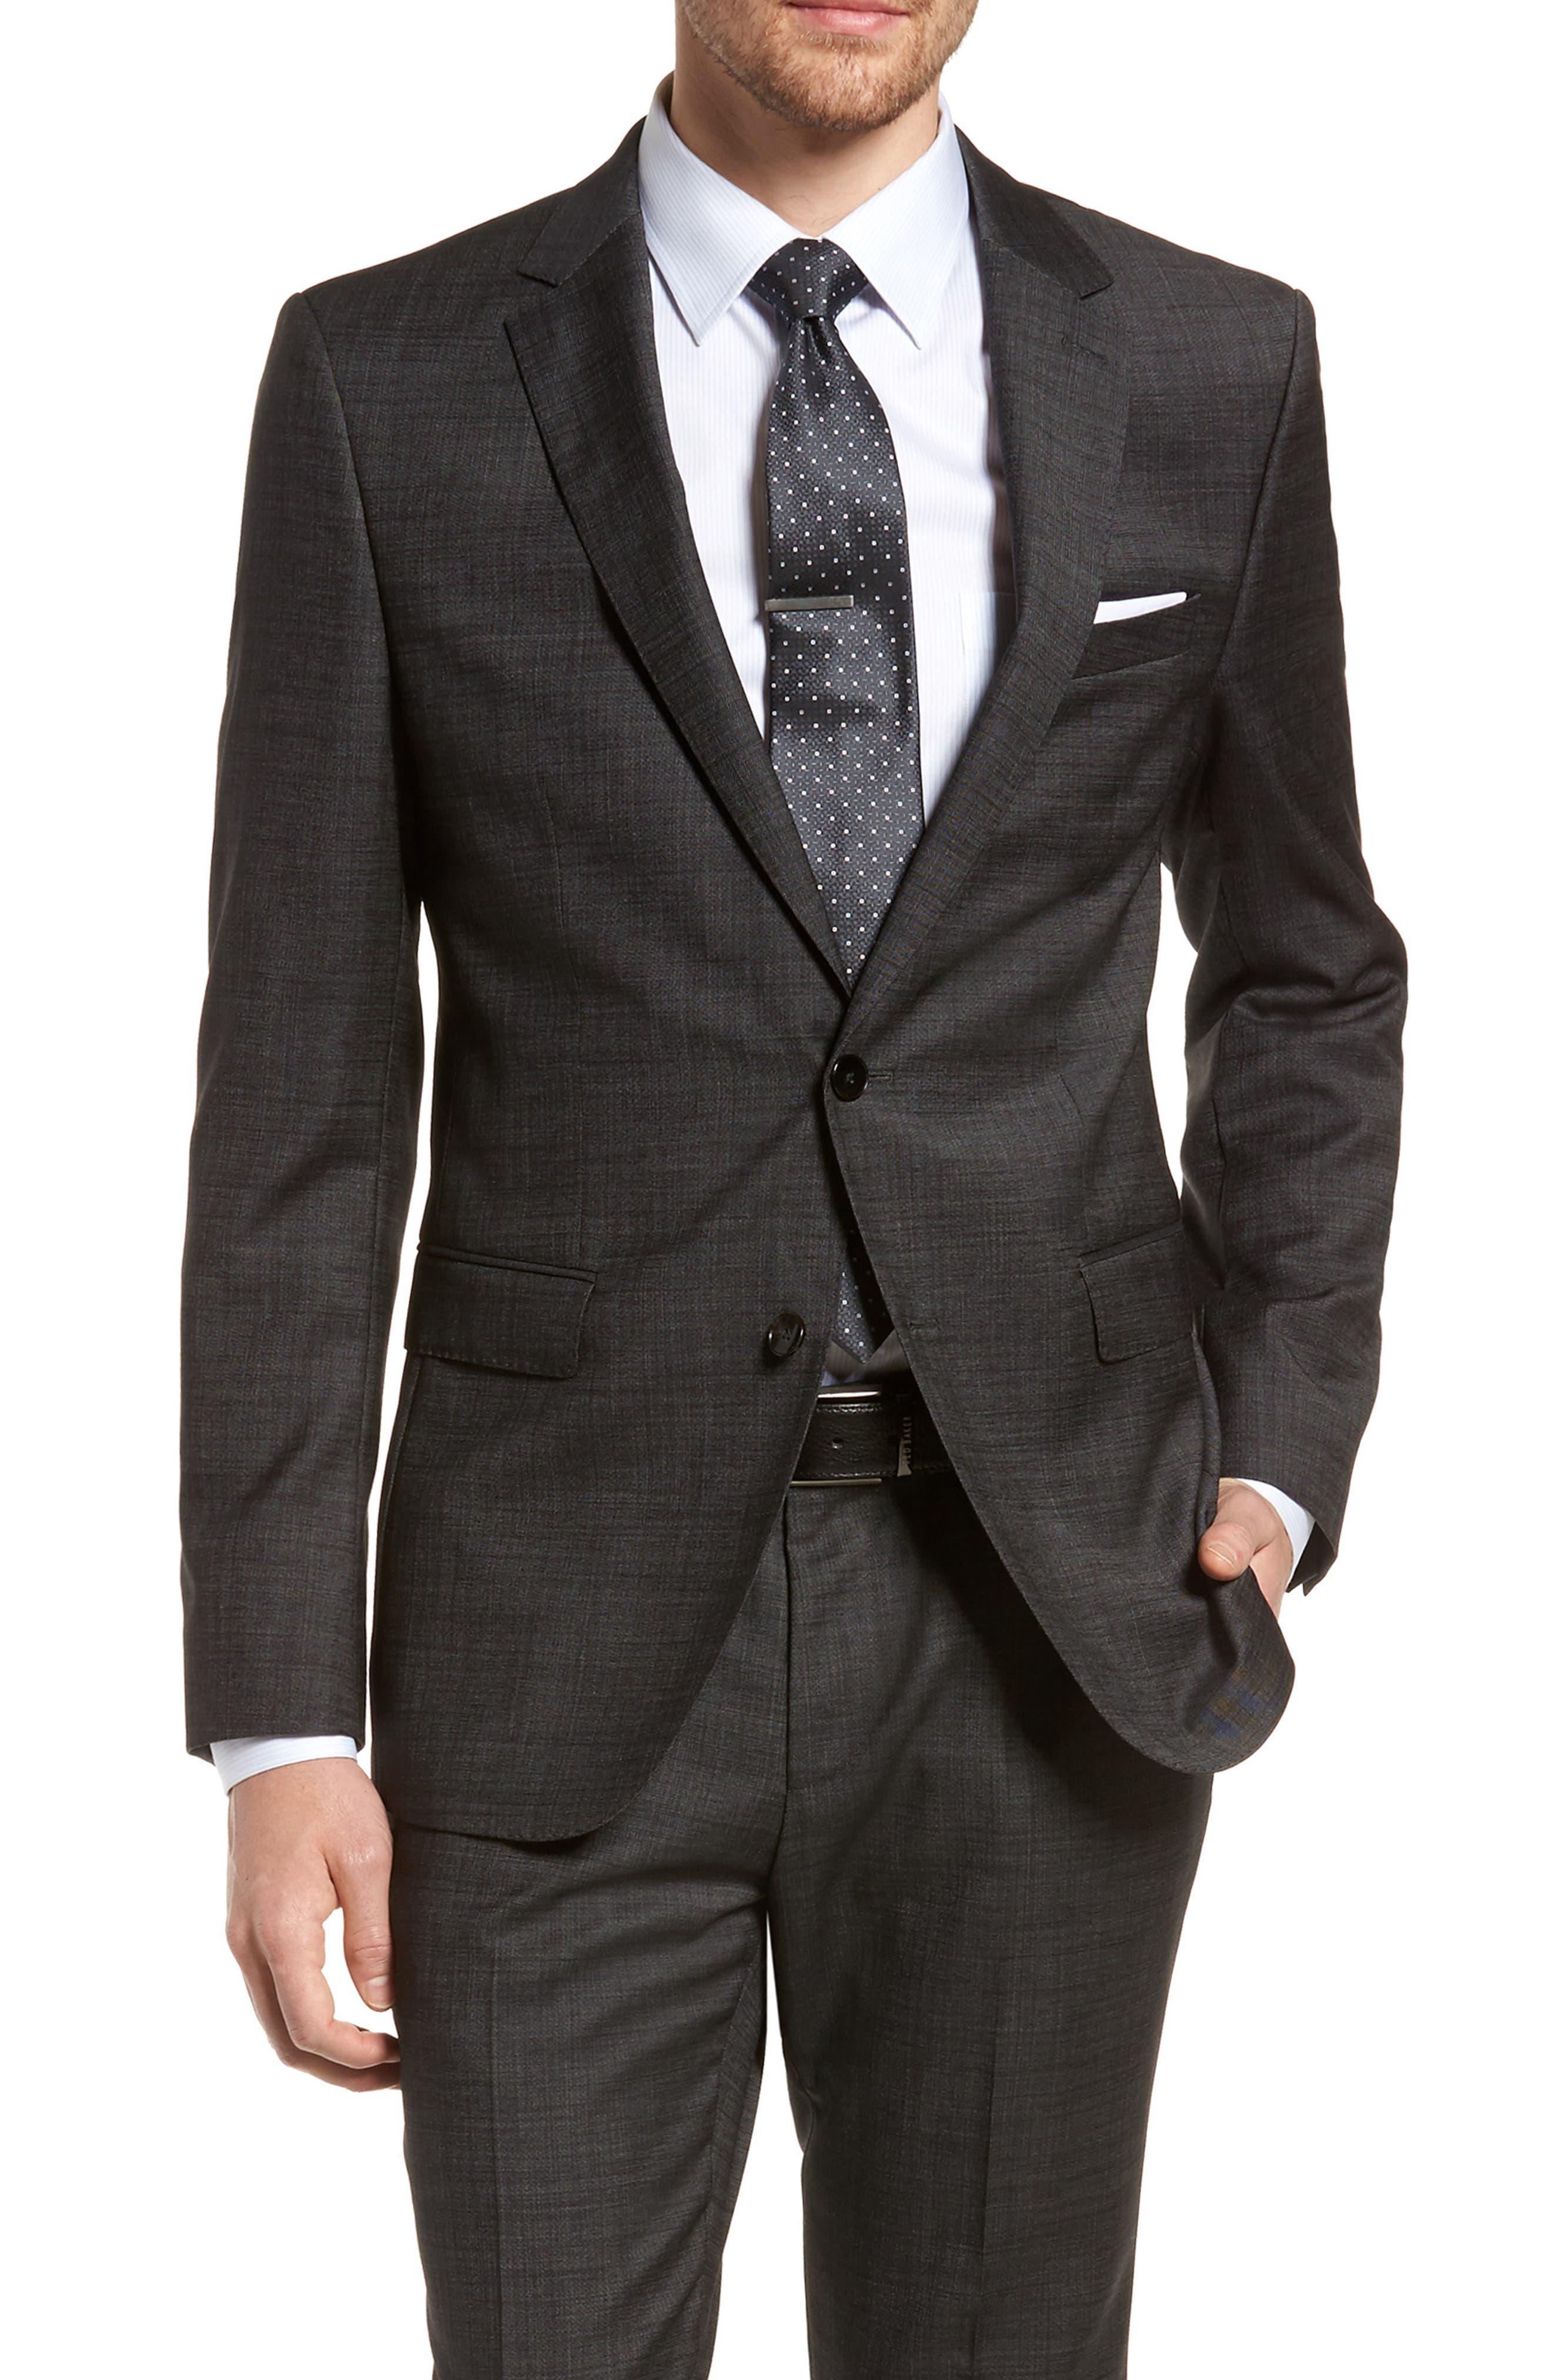 Novan/Ben Trim Fit Solid Wool Suit,                             Alternate thumbnail 4, color,                             Black